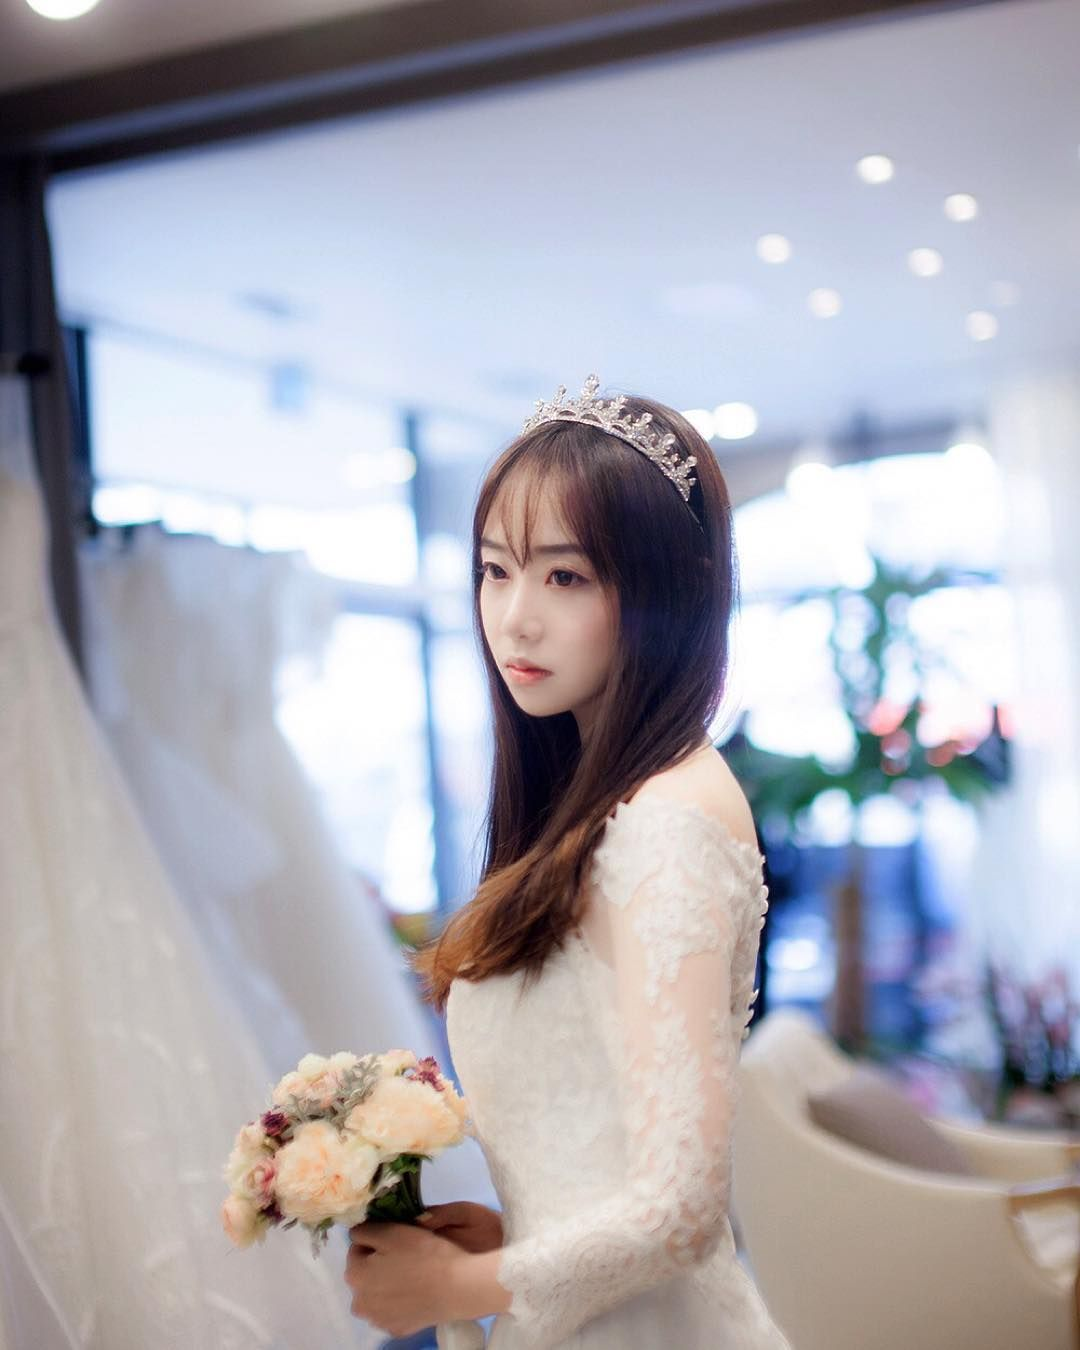 #모델 #촬영 #웨딩드레스 #photograph #model #profile #wedding #weddingdress #crown #마샬브라이드 #전주마샬브라이드 #전주 by chocosorapang